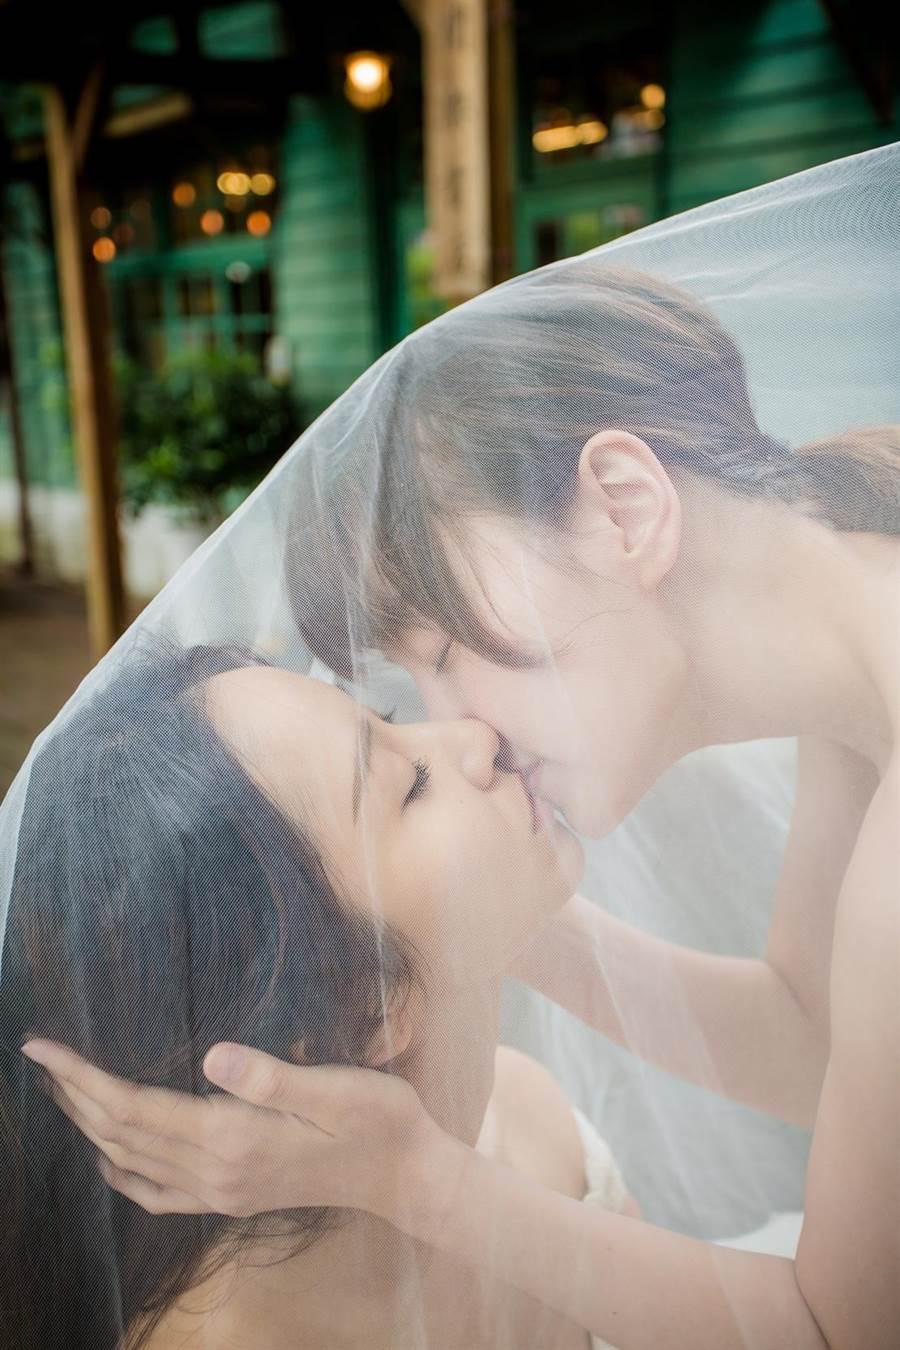 李京恬在《偽婚男女》愛上自己的嫂嫂。(Vidol)